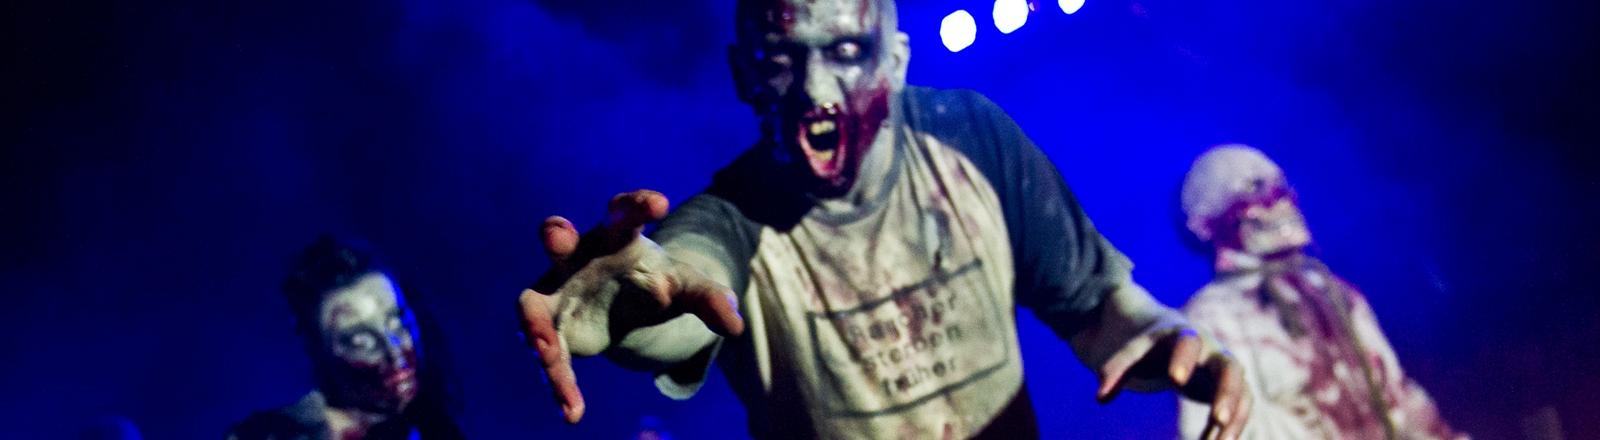 Als Zombies verkleidete Menschen greifen nach dem Betrachter.